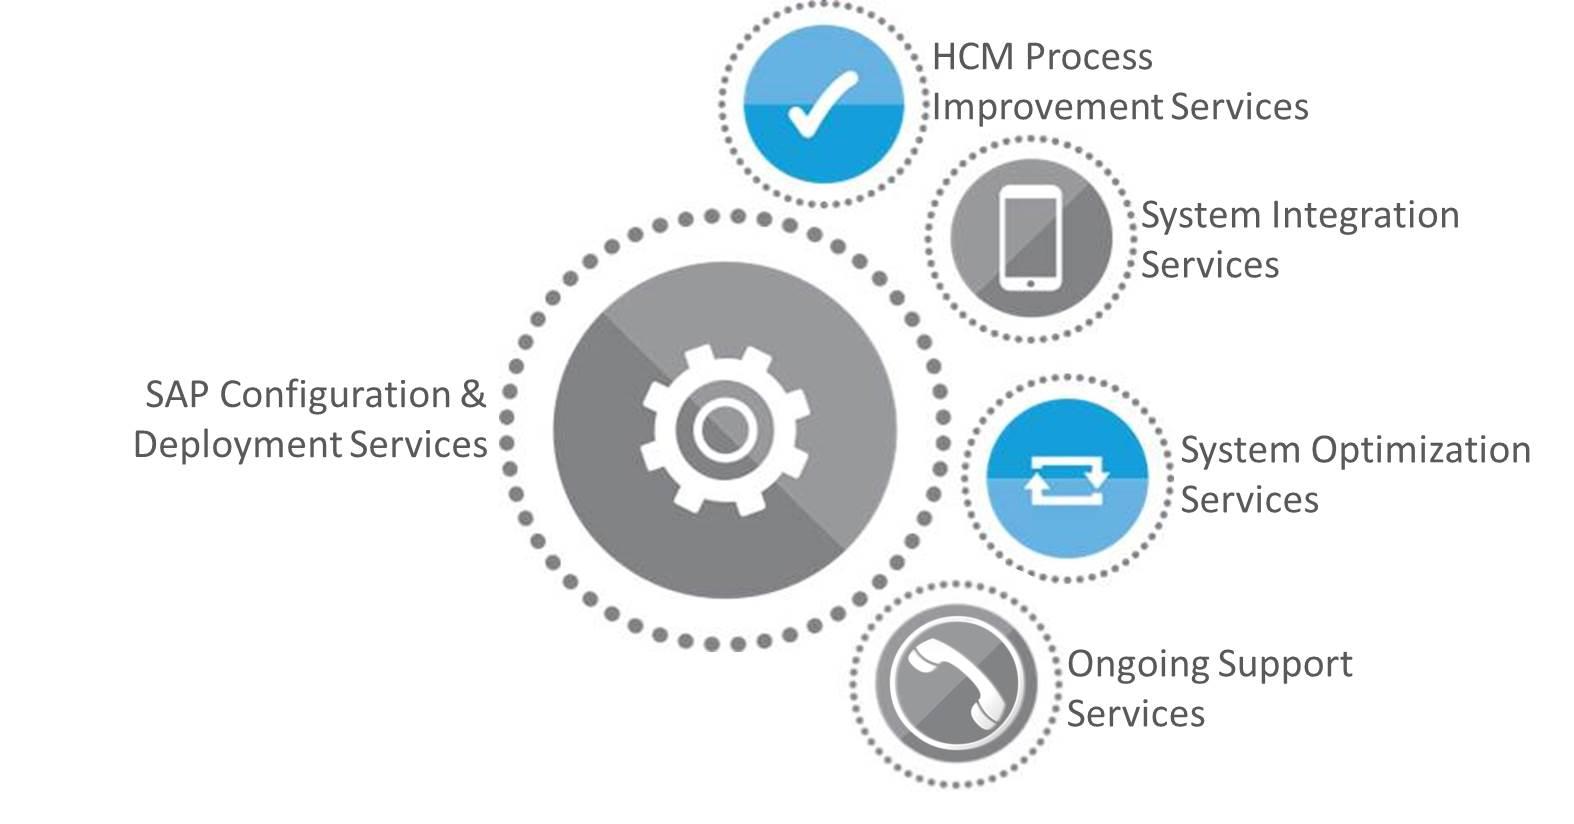 SAP HCM, SuccessFactors, Professional Services | hyperCision